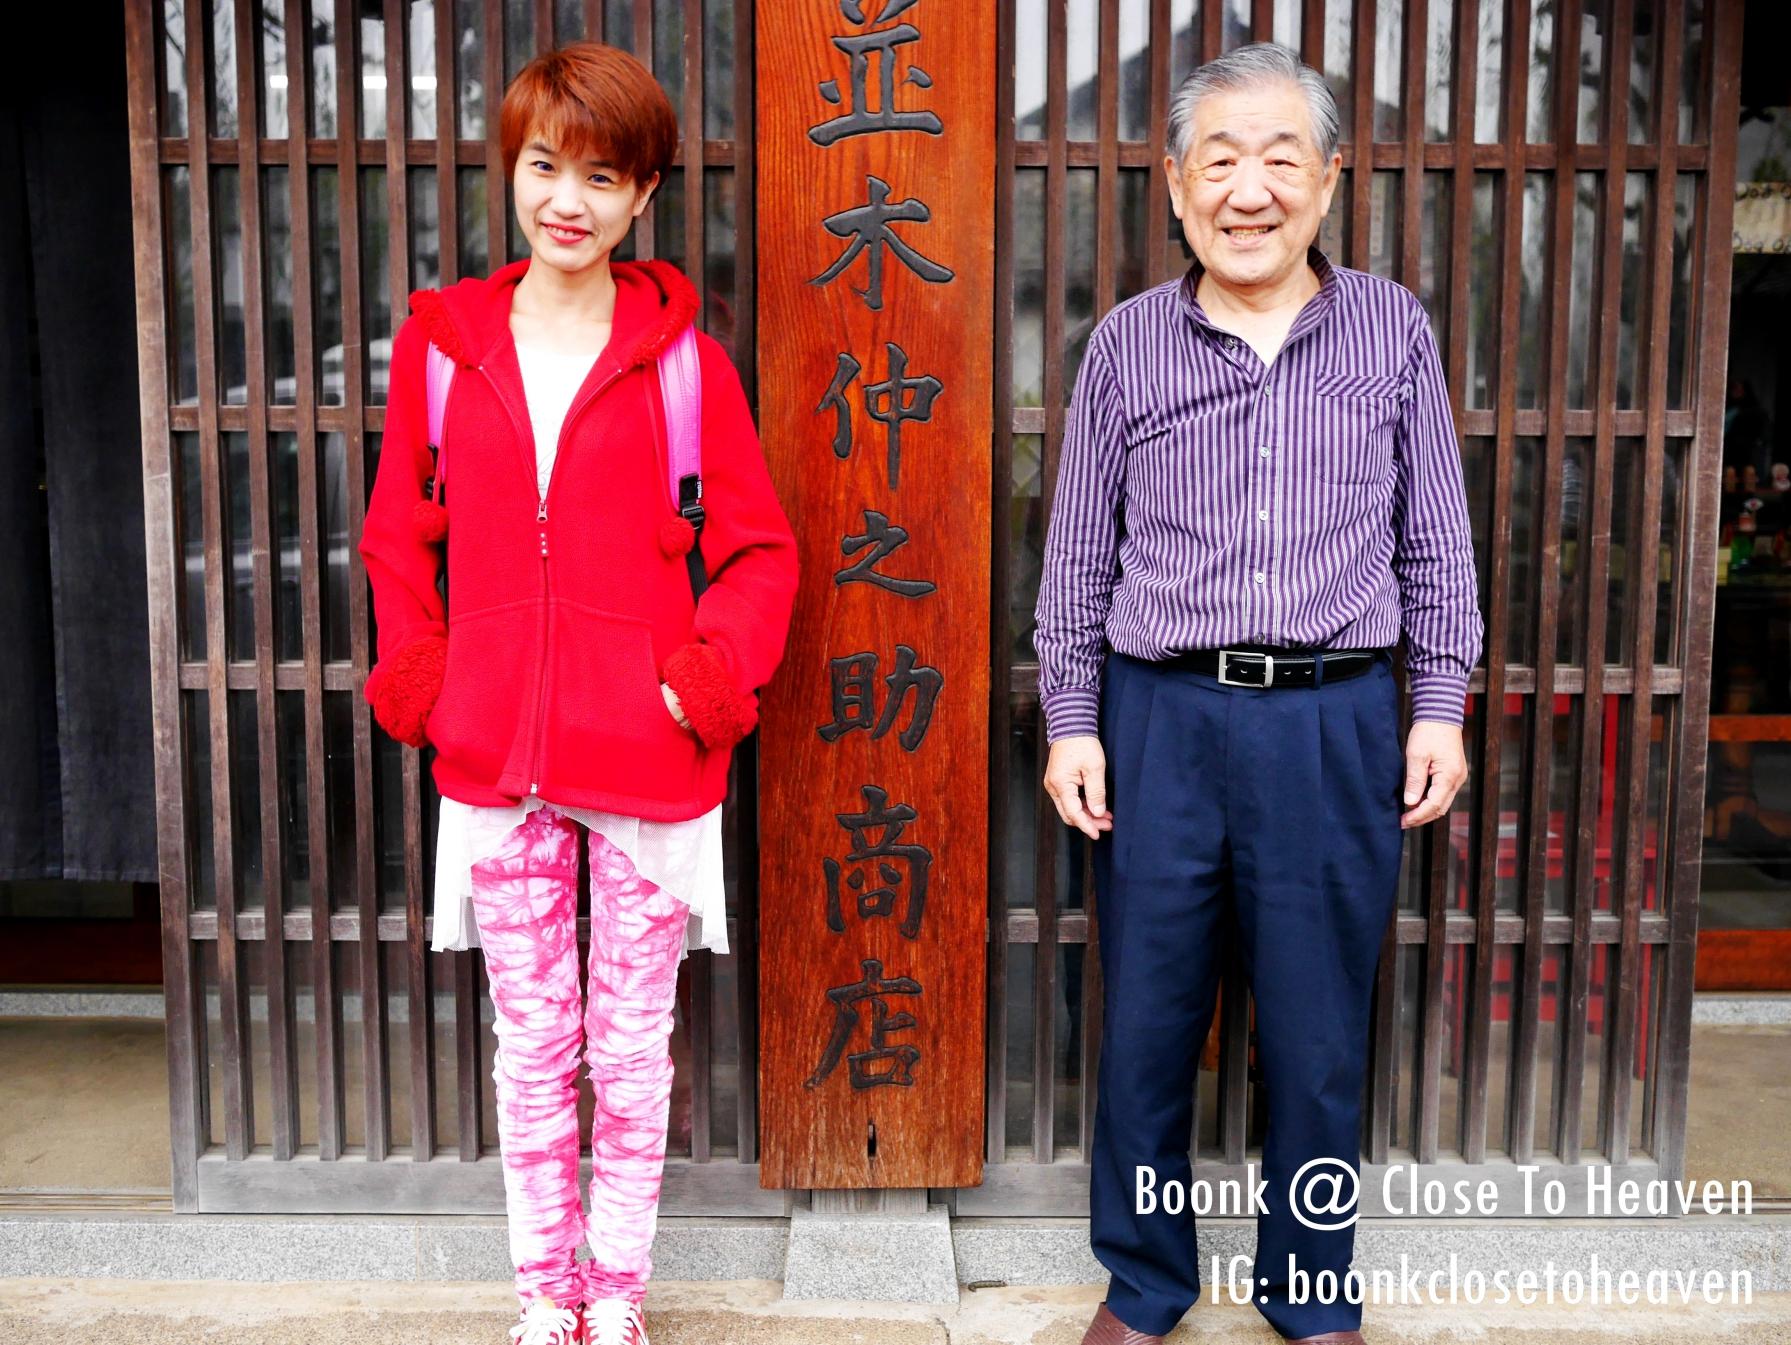 +++ Japan Trip: ทริปญี่ปุ่น เน้นกิน เที่ยว ช็อป ภาค 4 +++